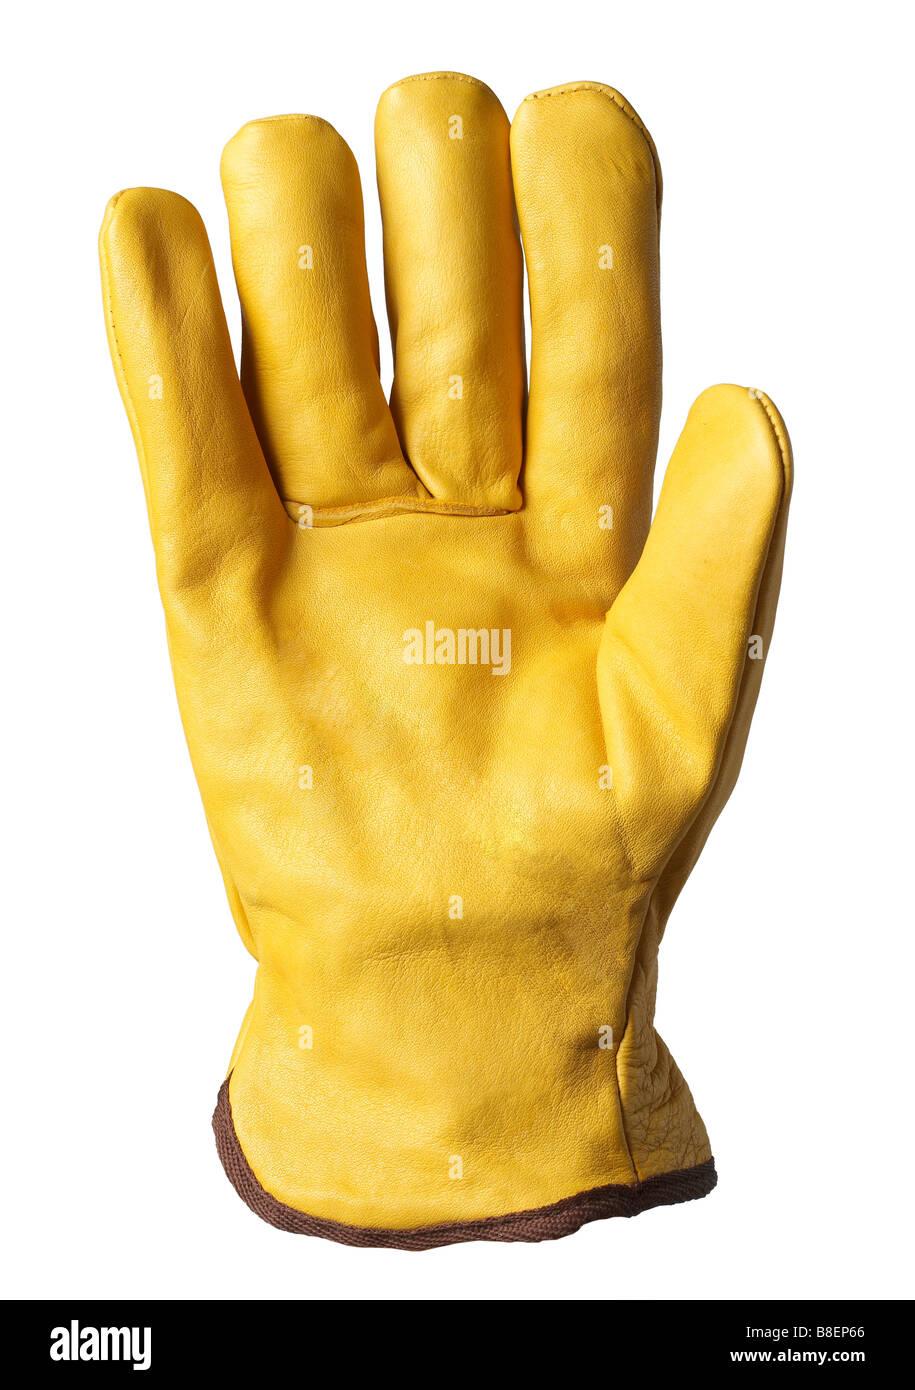 Tan Leder Handschuh isolierter Handschuh Handschuh Schutz Finger Daumen hand Stockbild